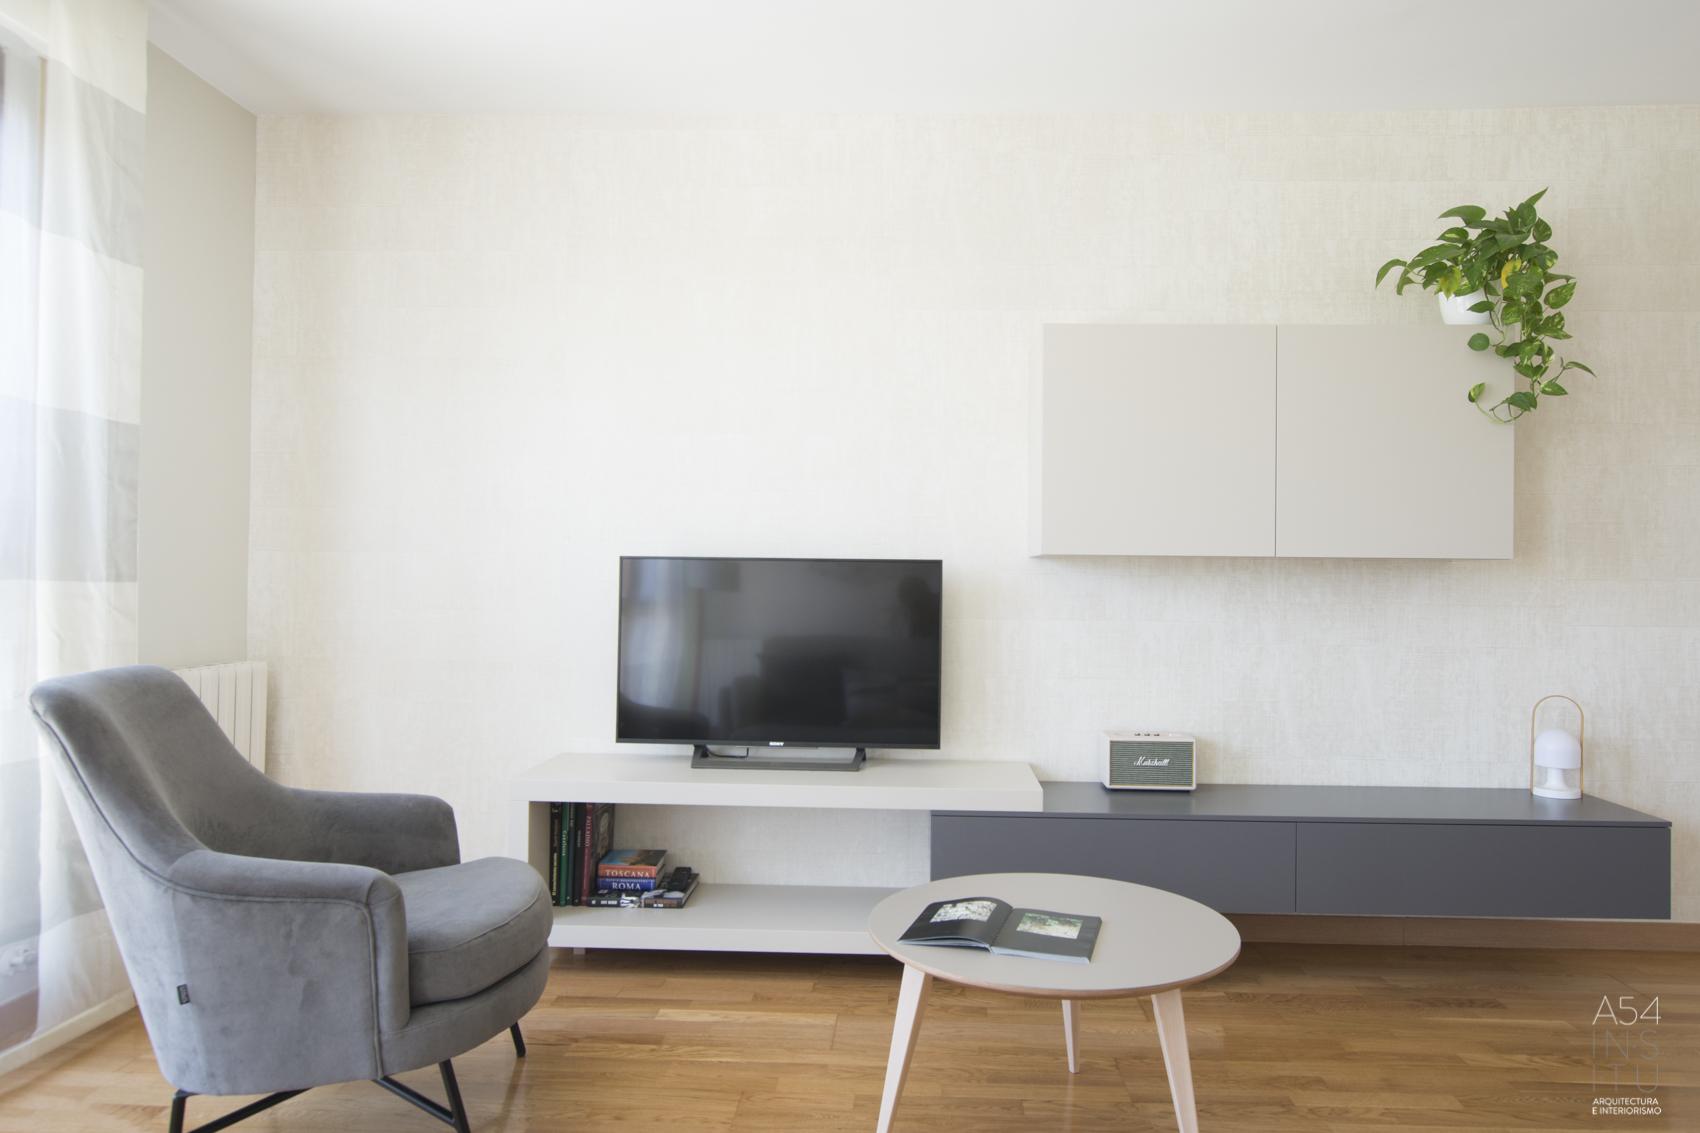 proyecto de reforma parcial y restyling de interiores para una vivienda en el barrio del Gancho de Zaragoza realizado por el estudio de arquitectura diseño e interiorismo A54insitu ubicado en Las Armas Zaragoza